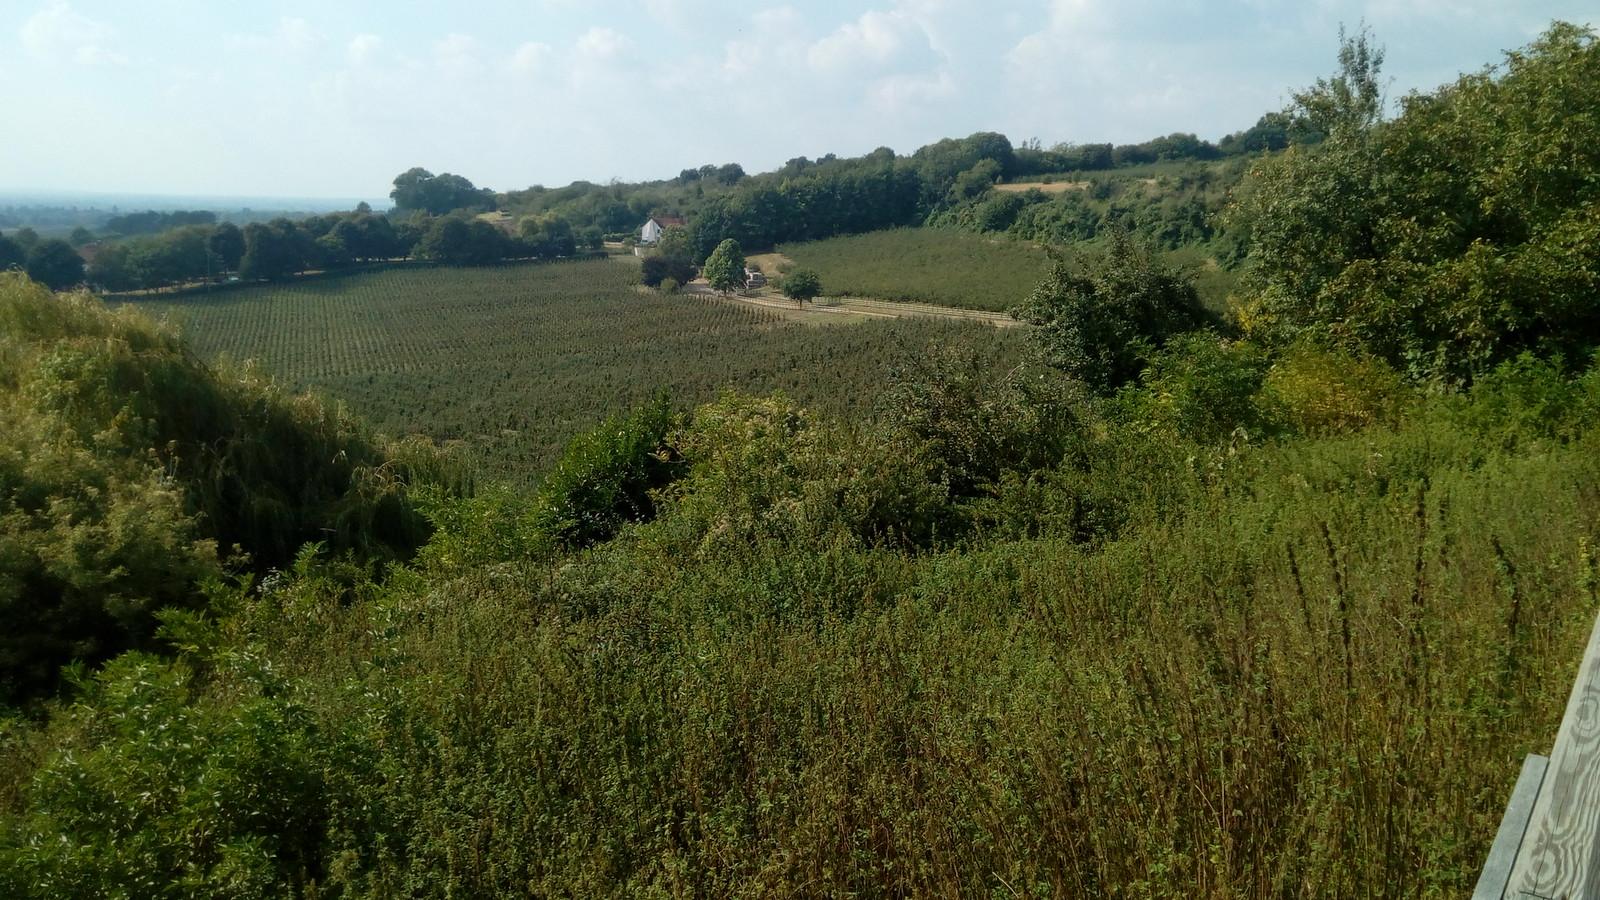 The Bull garden vista